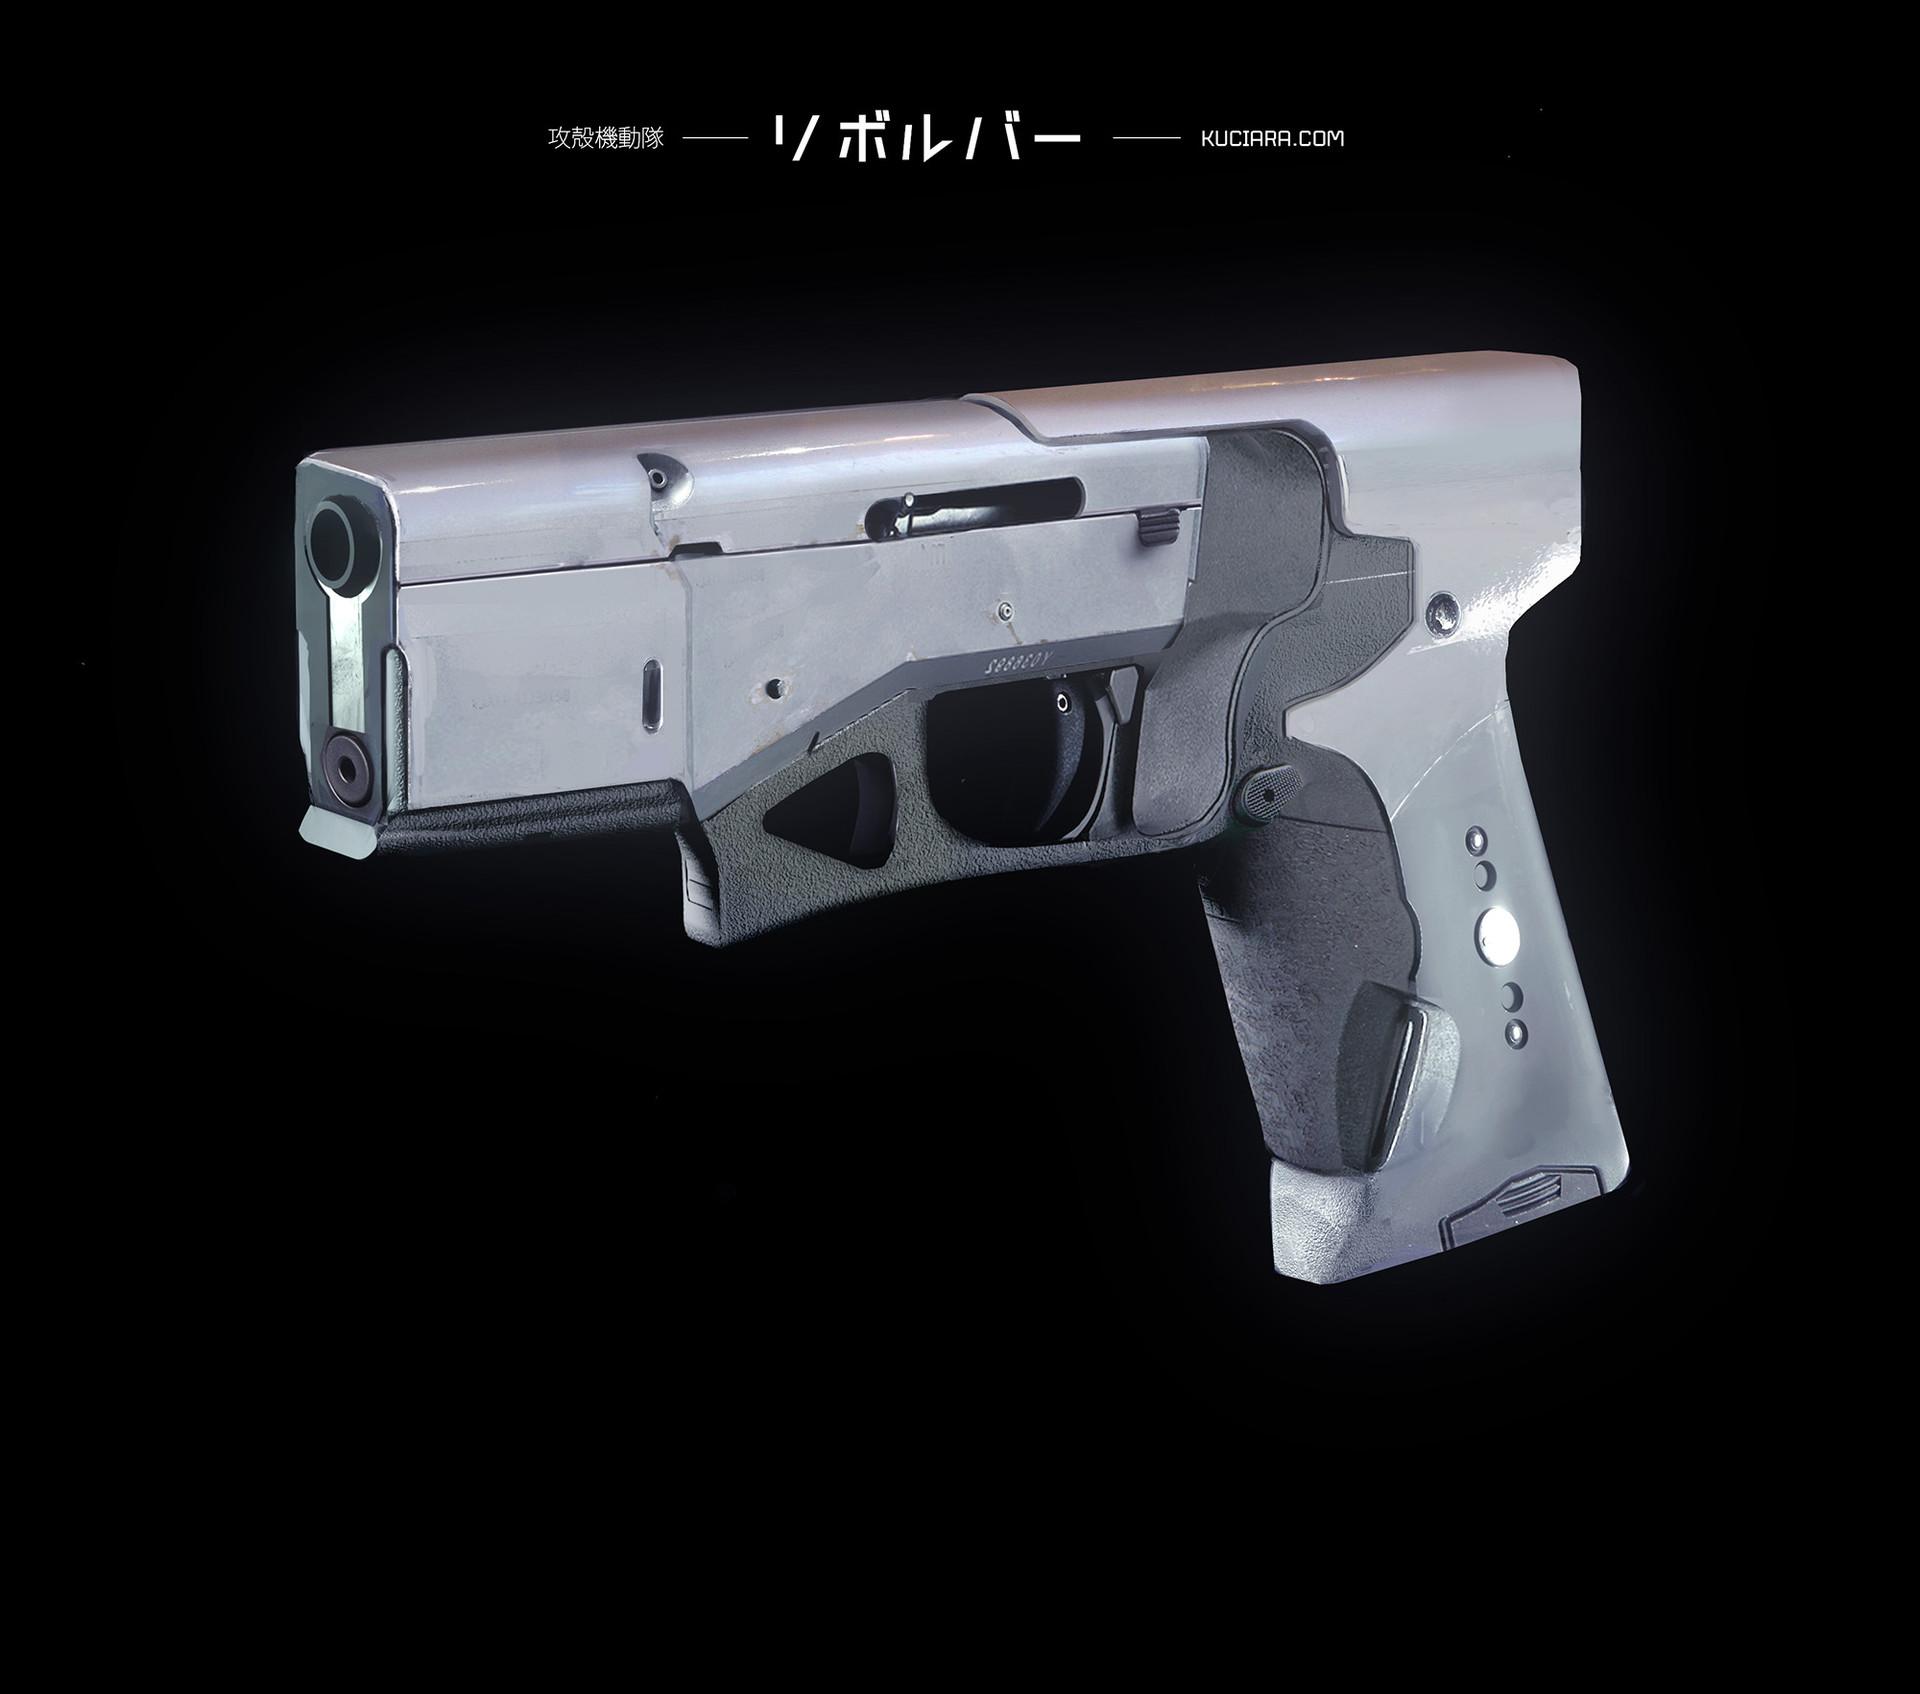 Maciej kuciara 092115 wpn major pistol mk v001c